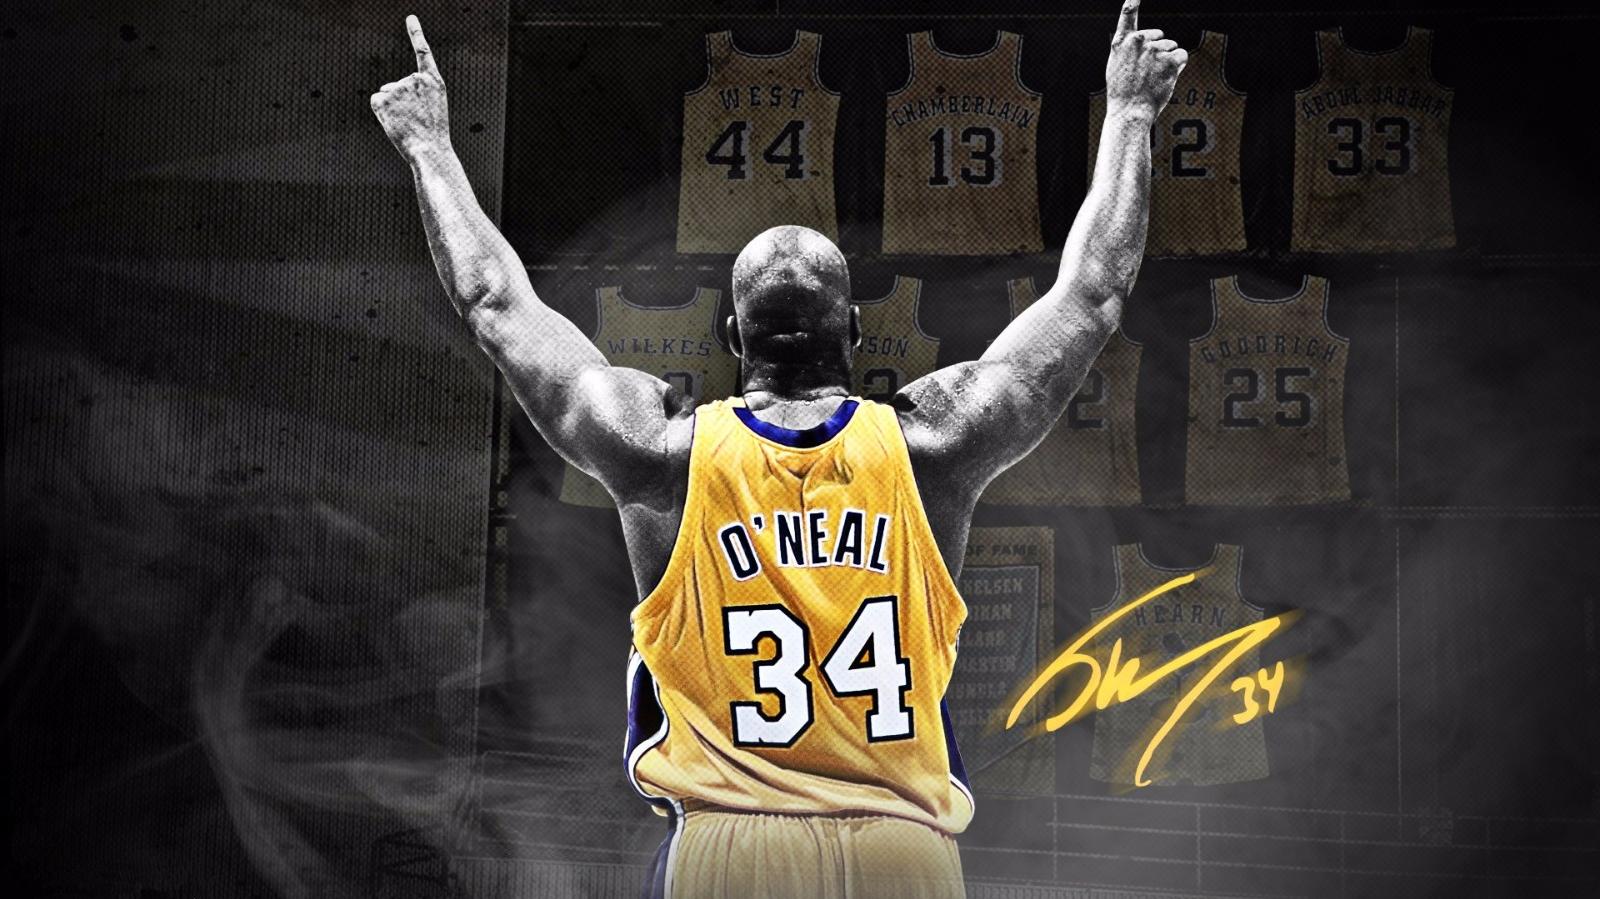 【重制版】超燃!NBA史上最具统治力的中锋!大鲨鱼奥尼尔-凡人无法撼动的力量!